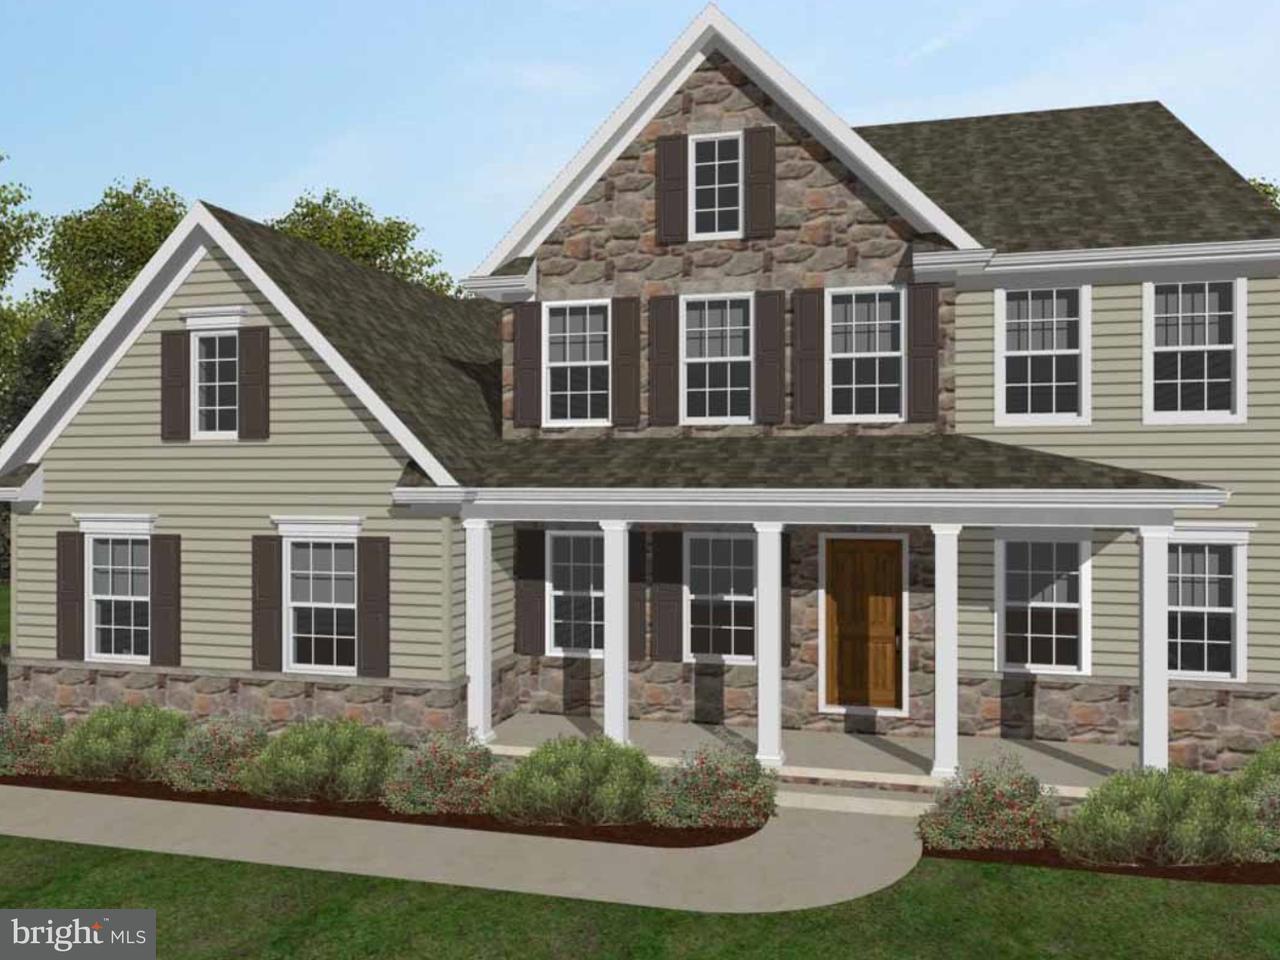 Maison unifamiliale pour l Vente à CLOVER Drive Myerstown, Pennsylvanie 17067 États-Unis